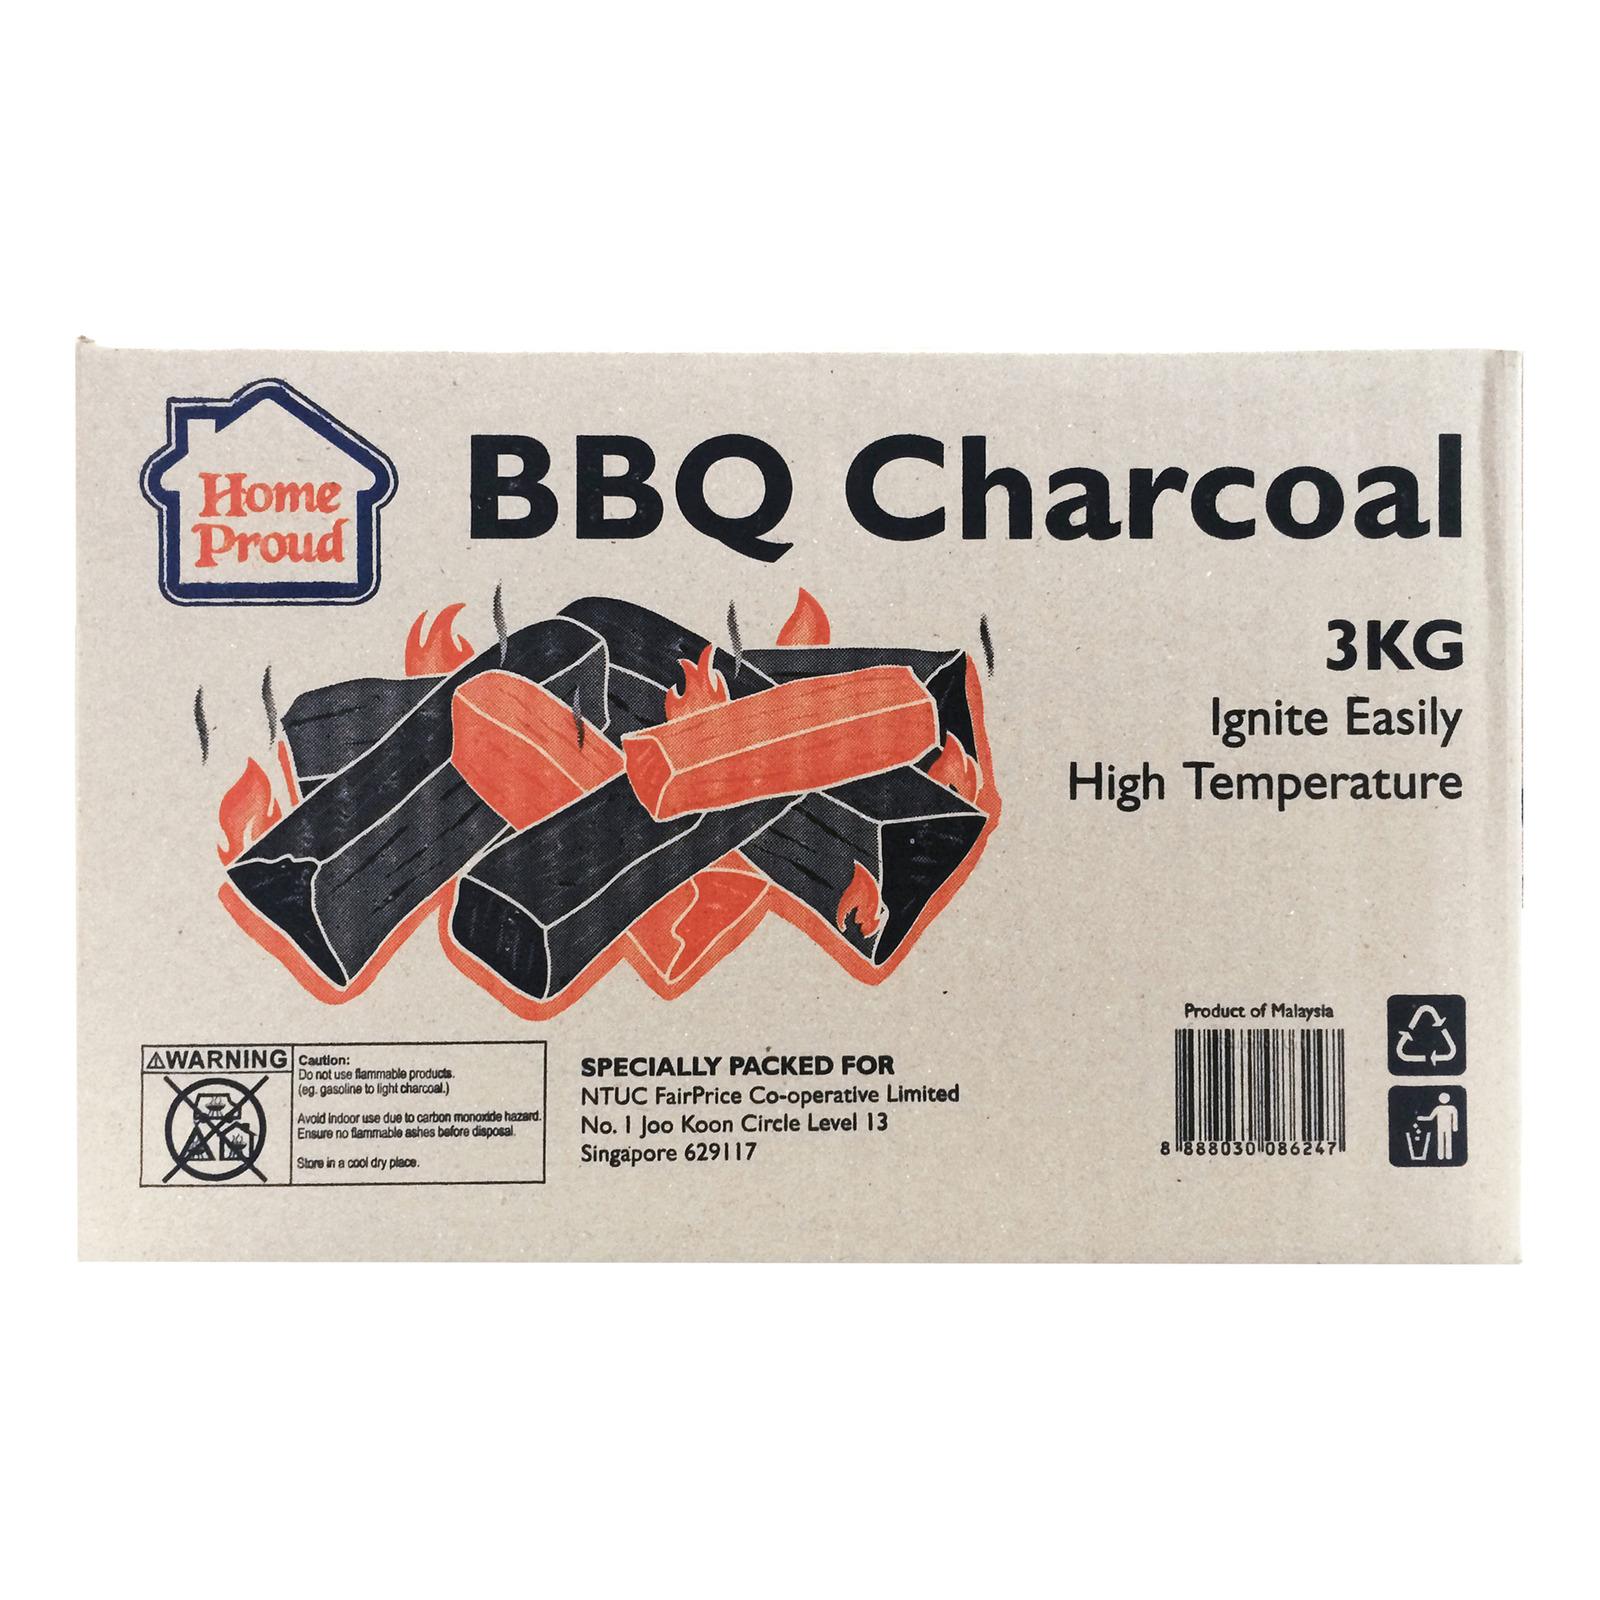 HomeProud Charcoal